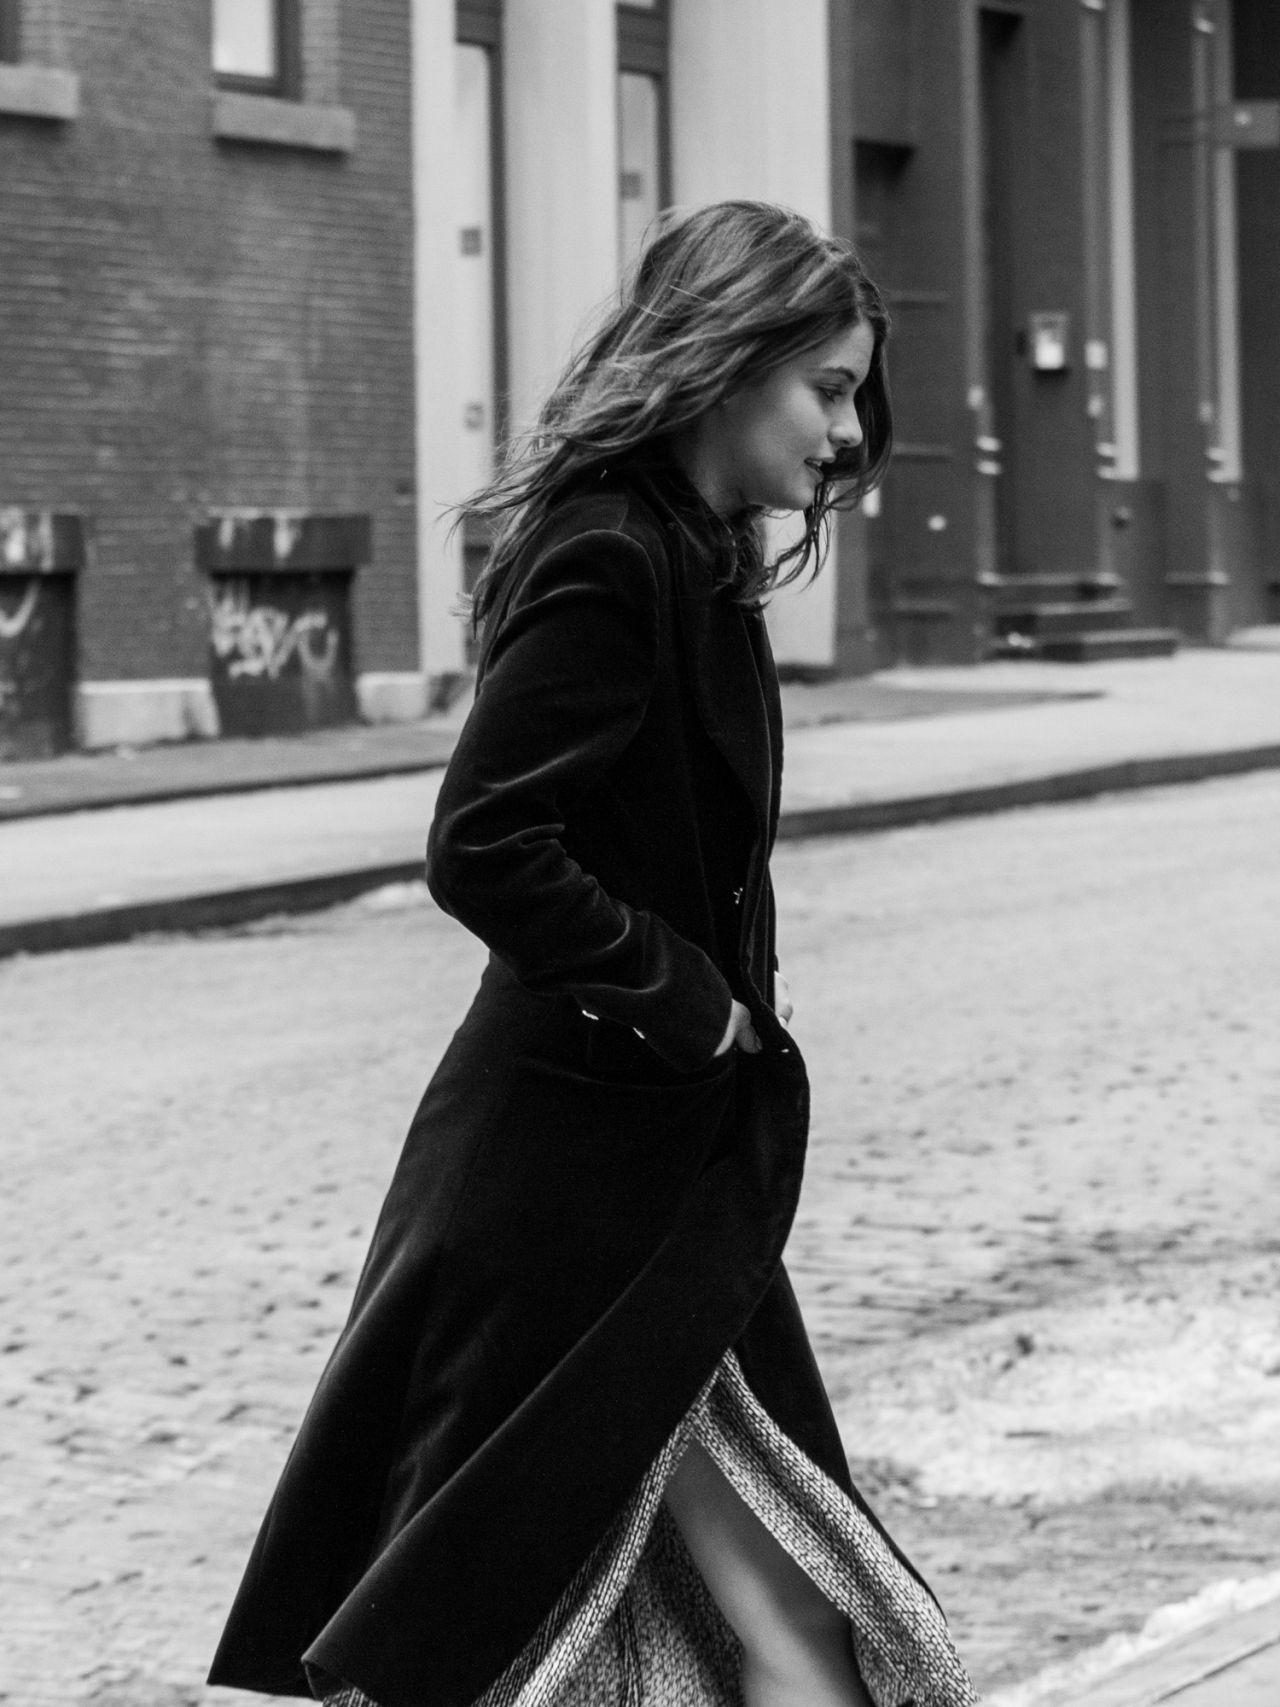 Sofia Black D Elia The Coveteur Magazine March 2017 Photos